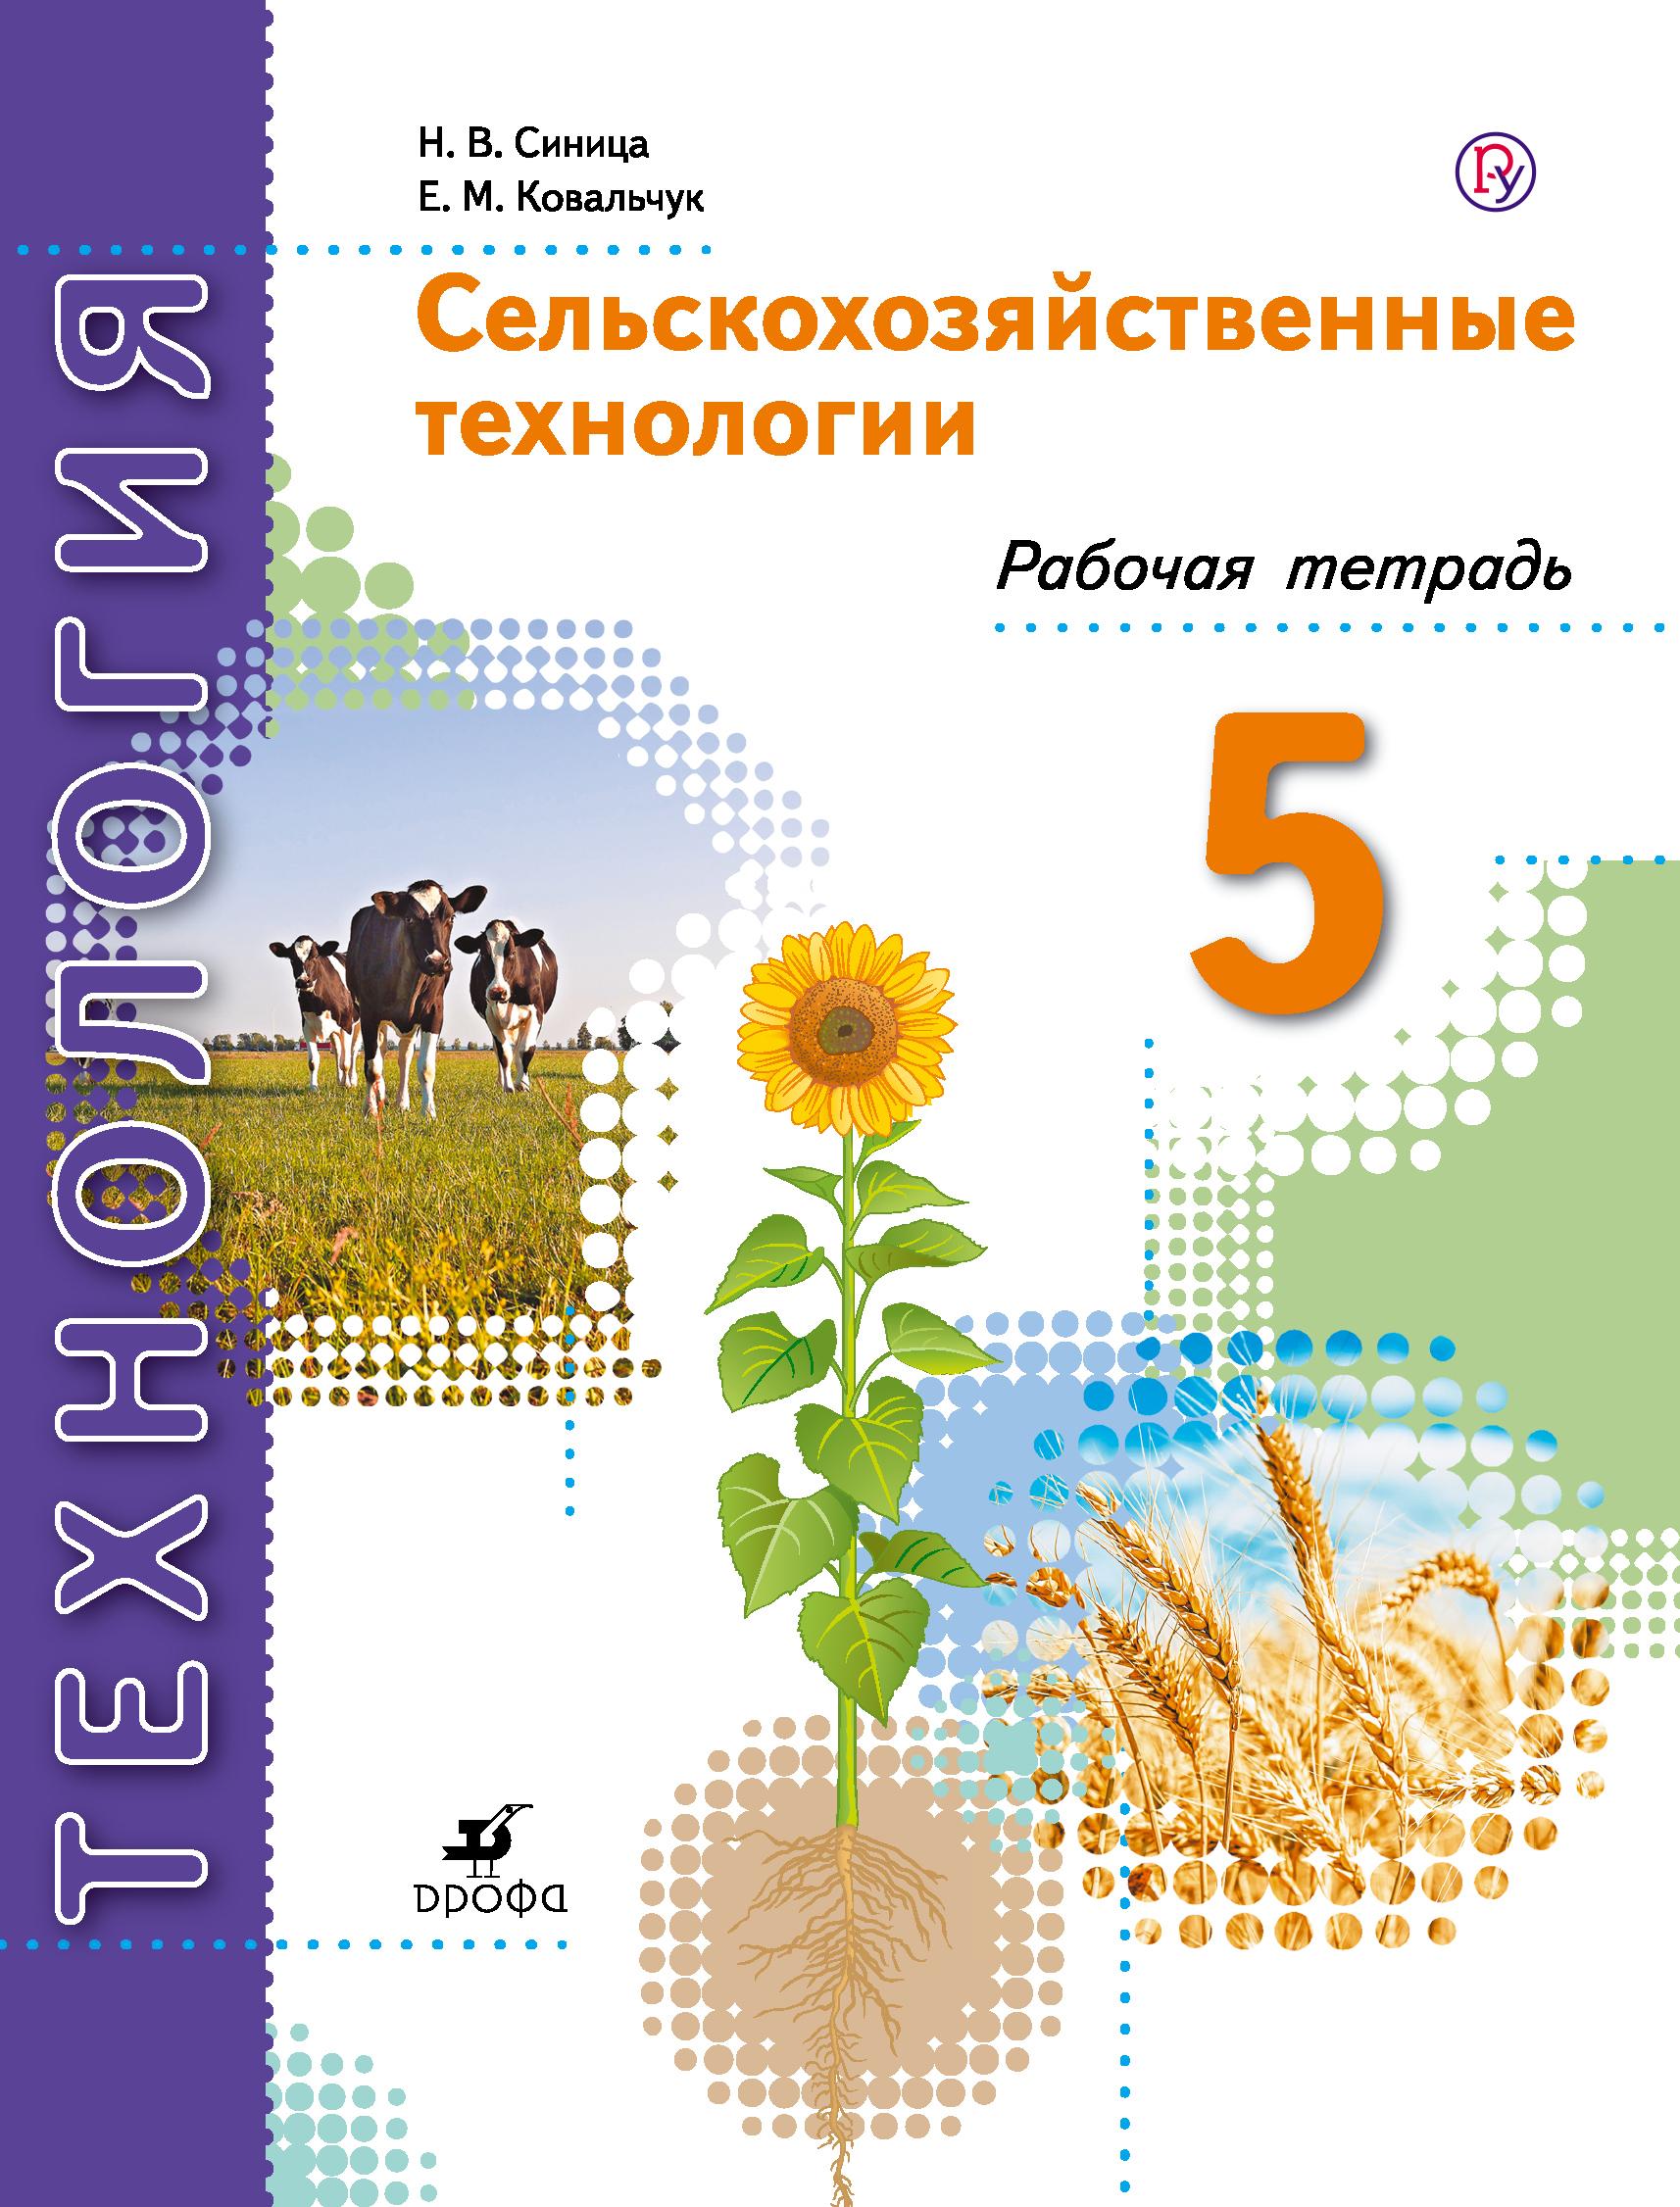 Синица Н.В., Ковальчук Е.М. Сельскохозяйственные технологии. 5 класс. Рабочая тетрадь.